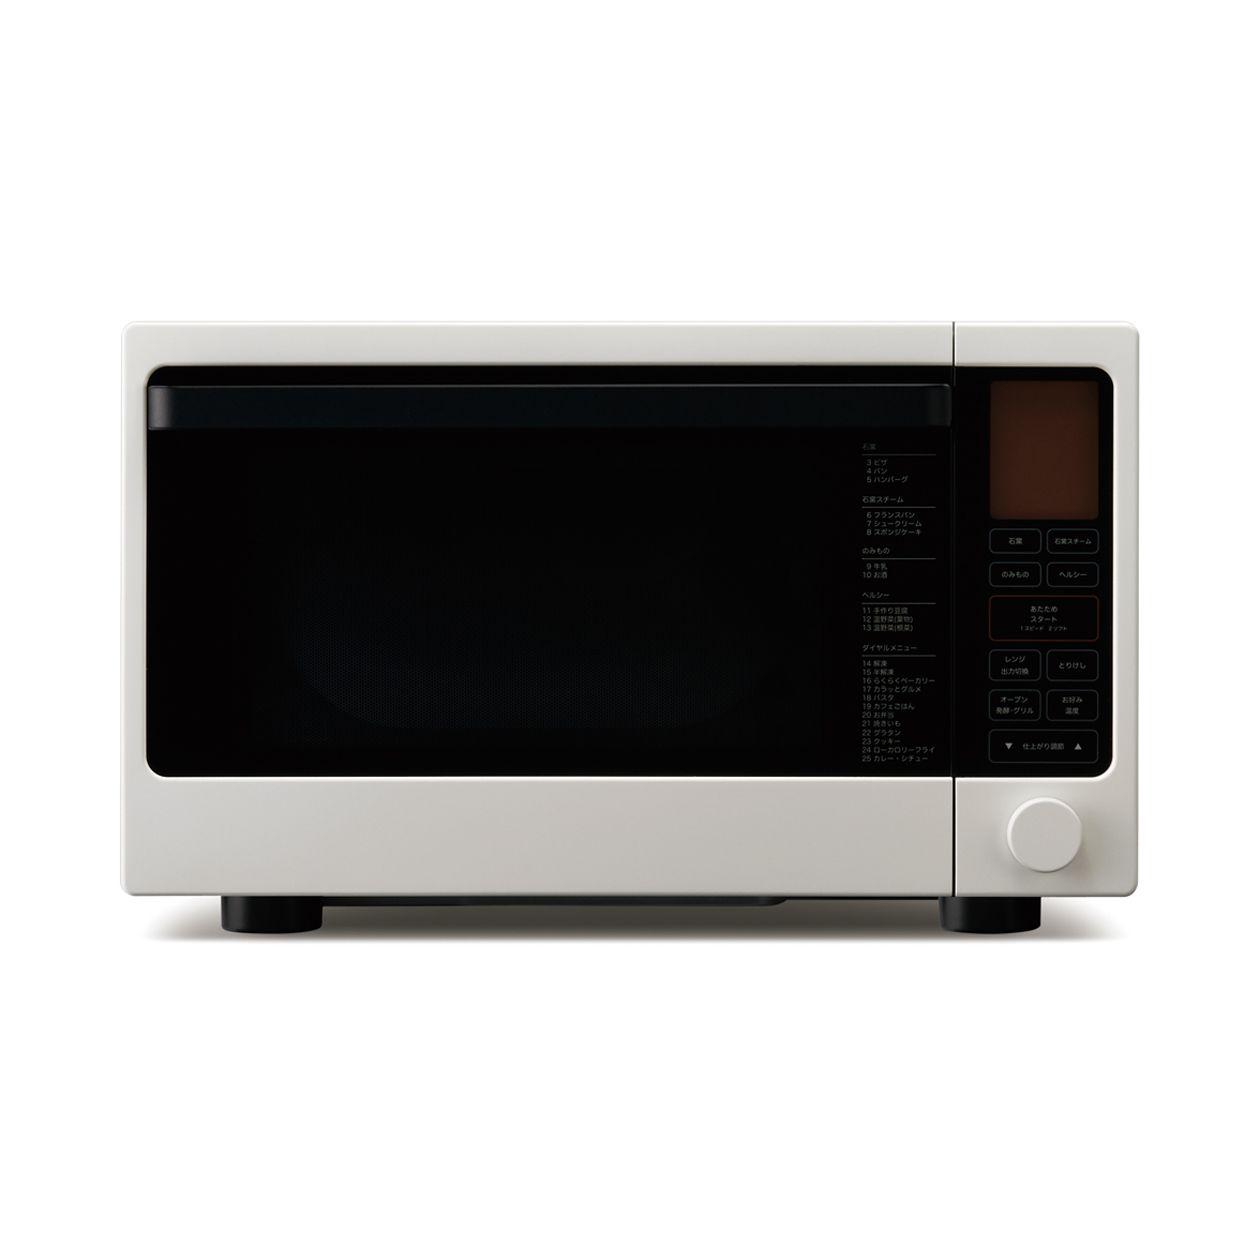 赤外線センサーオーブンレンジ・21l Mj‐or21a 無印良品ネットストア オーブン